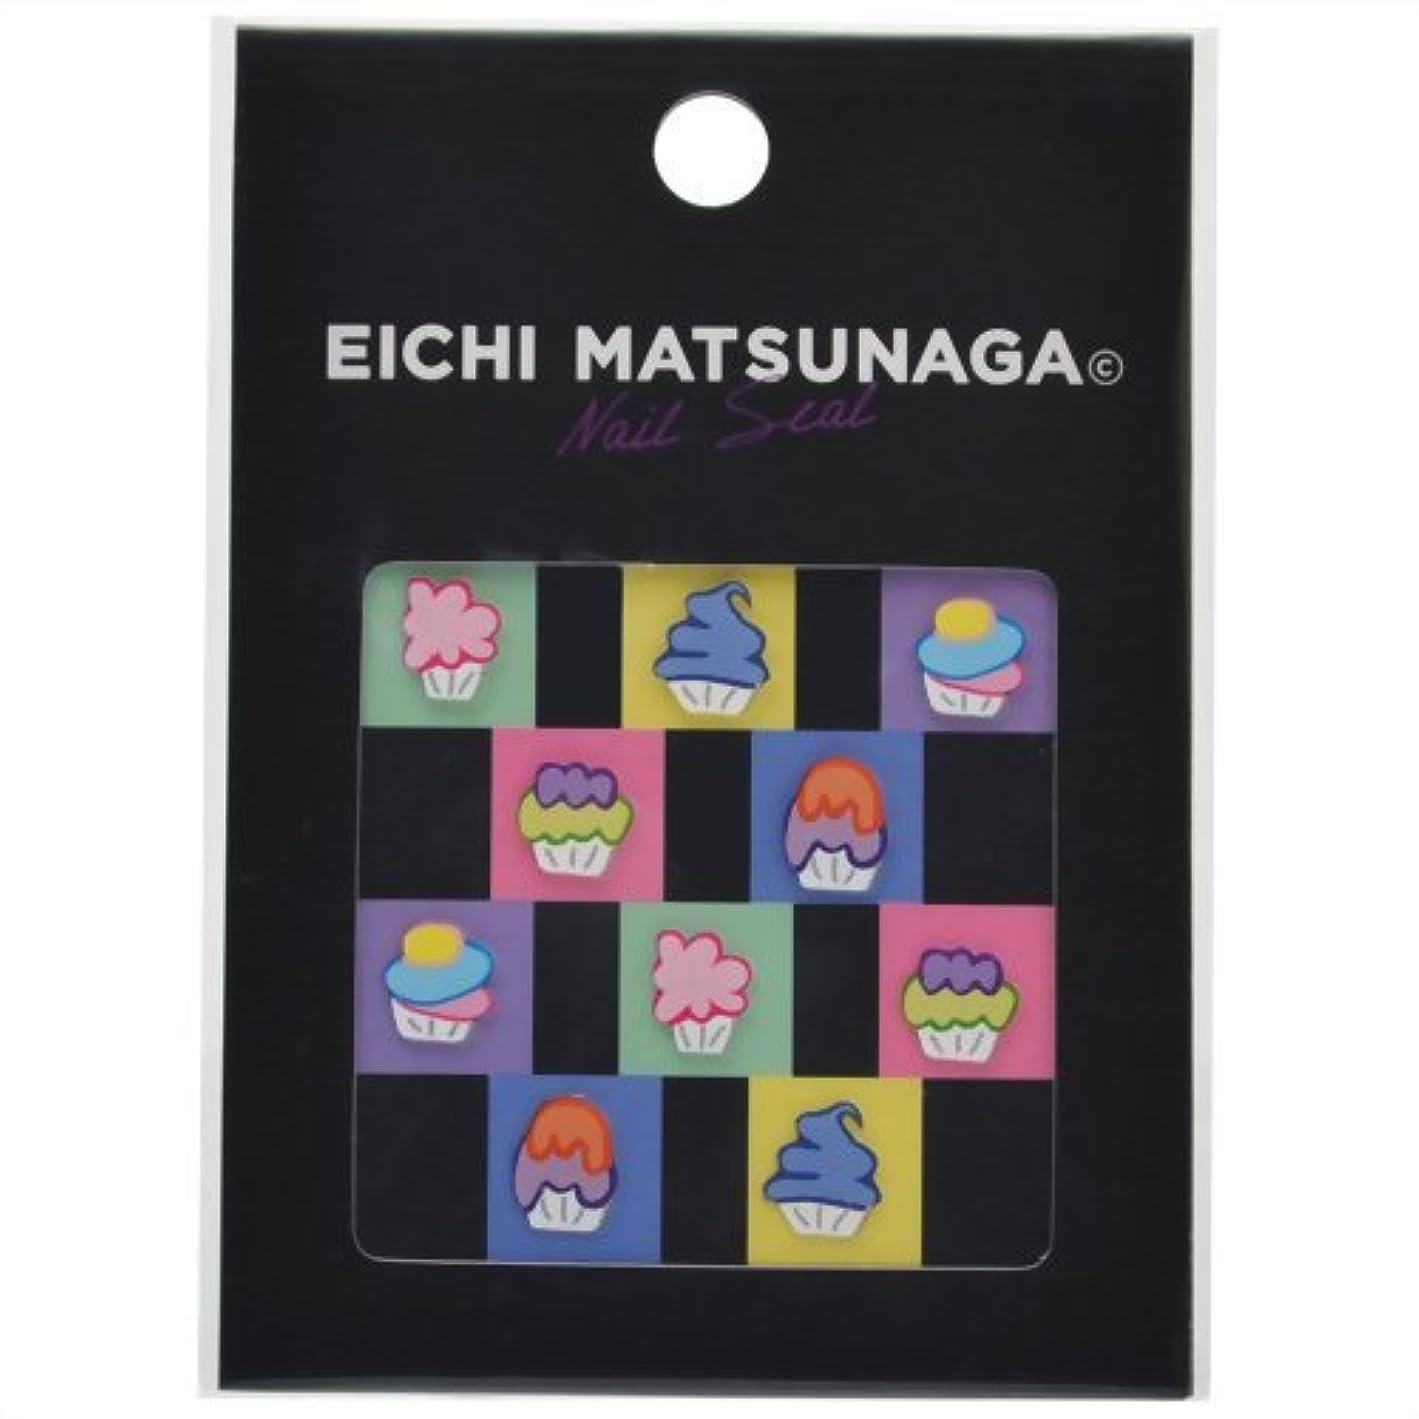 代わりに非難するスーパーマーケットウイングビート EICHI MATSUNAGA nail seal EICHI/S-006